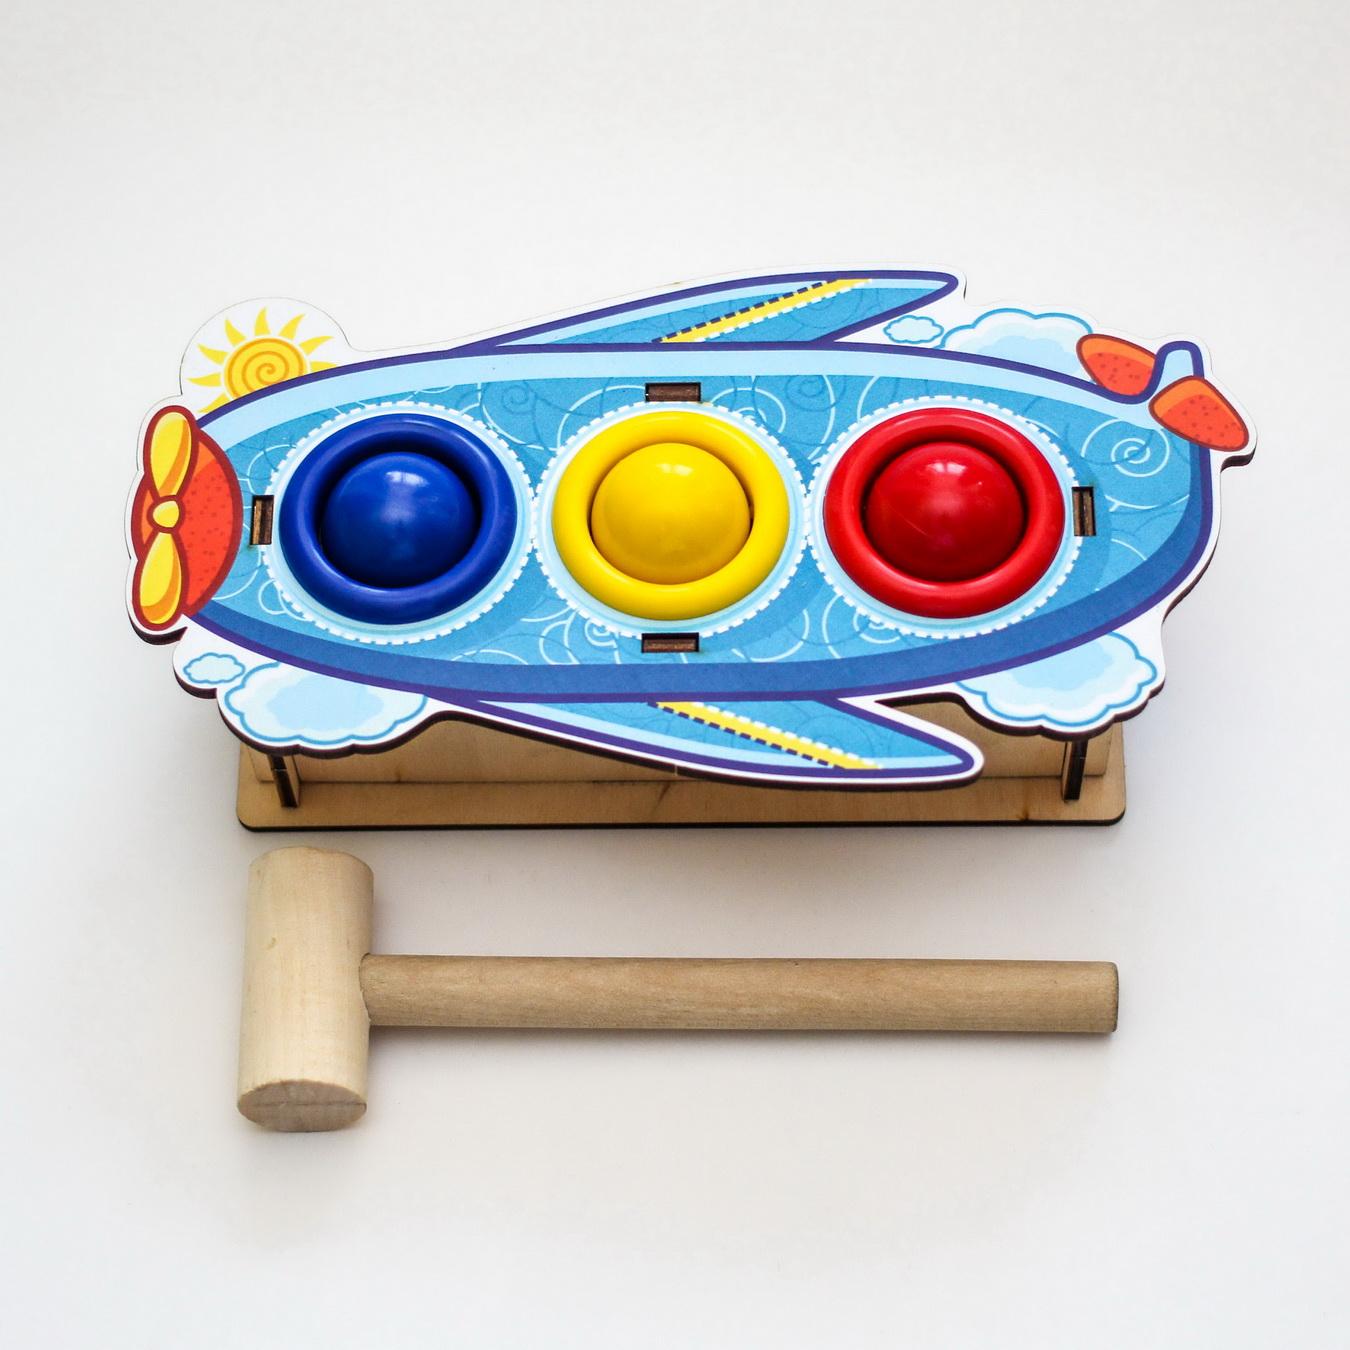 Ինտելեկտուալ փայտե խաղալիք՝ բախում գունավոր, ինքնաթիռ, 3 անցք